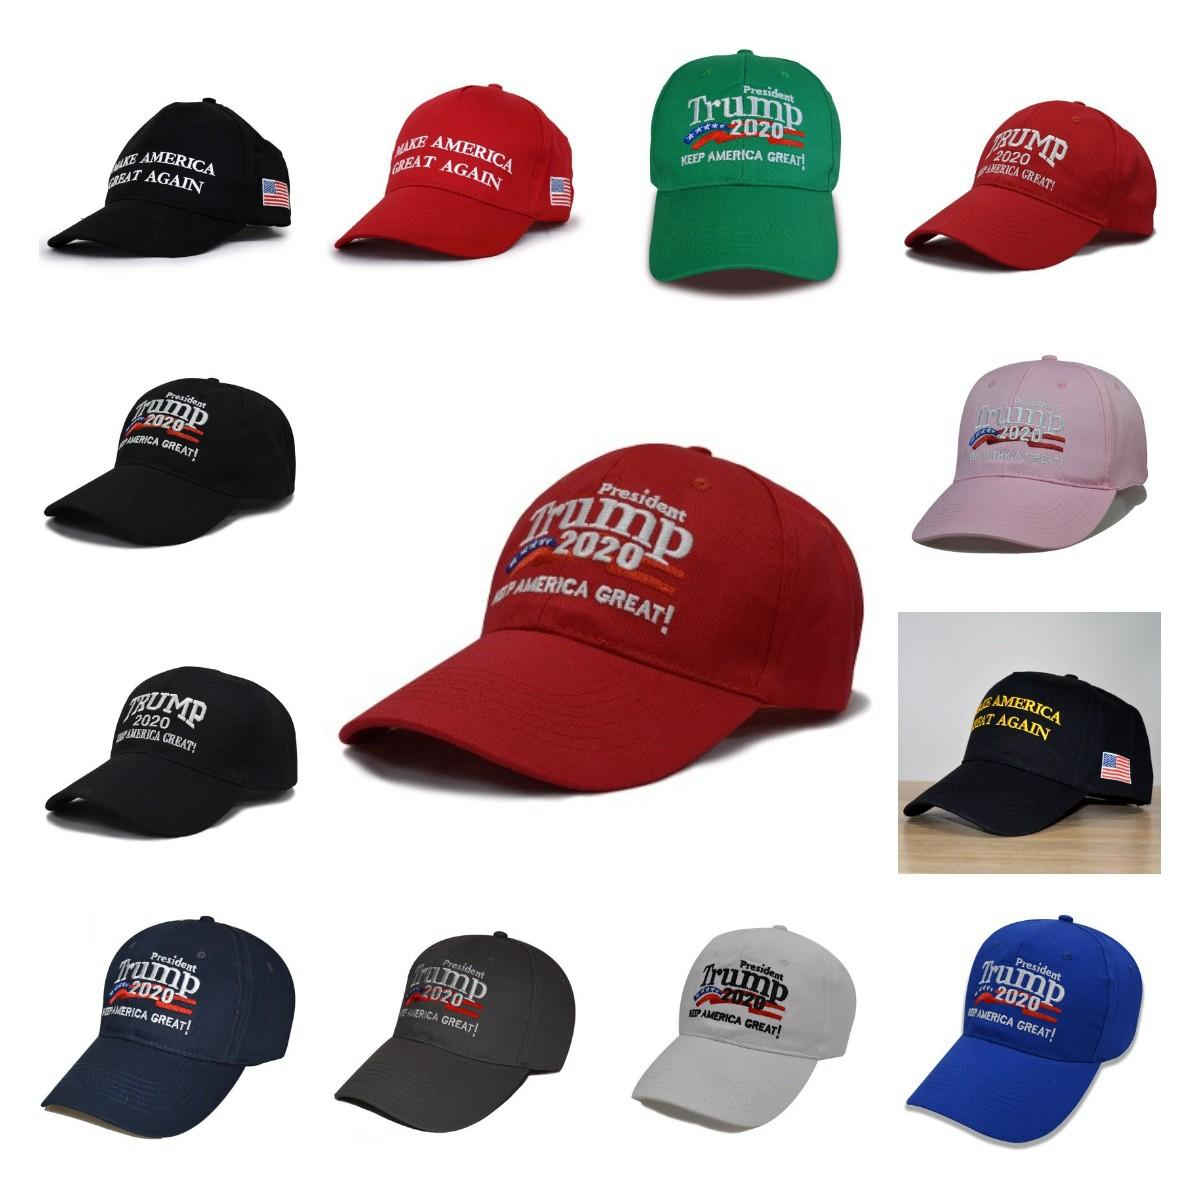 13Styles Donald Trump Beyzbol Şapka Yıldız Abd Bayrağı Kamuflaj Cap Amerika Büyük Şapka 3D Nakış Harf Ayarlanabilir Snapback LJA4300 tutun